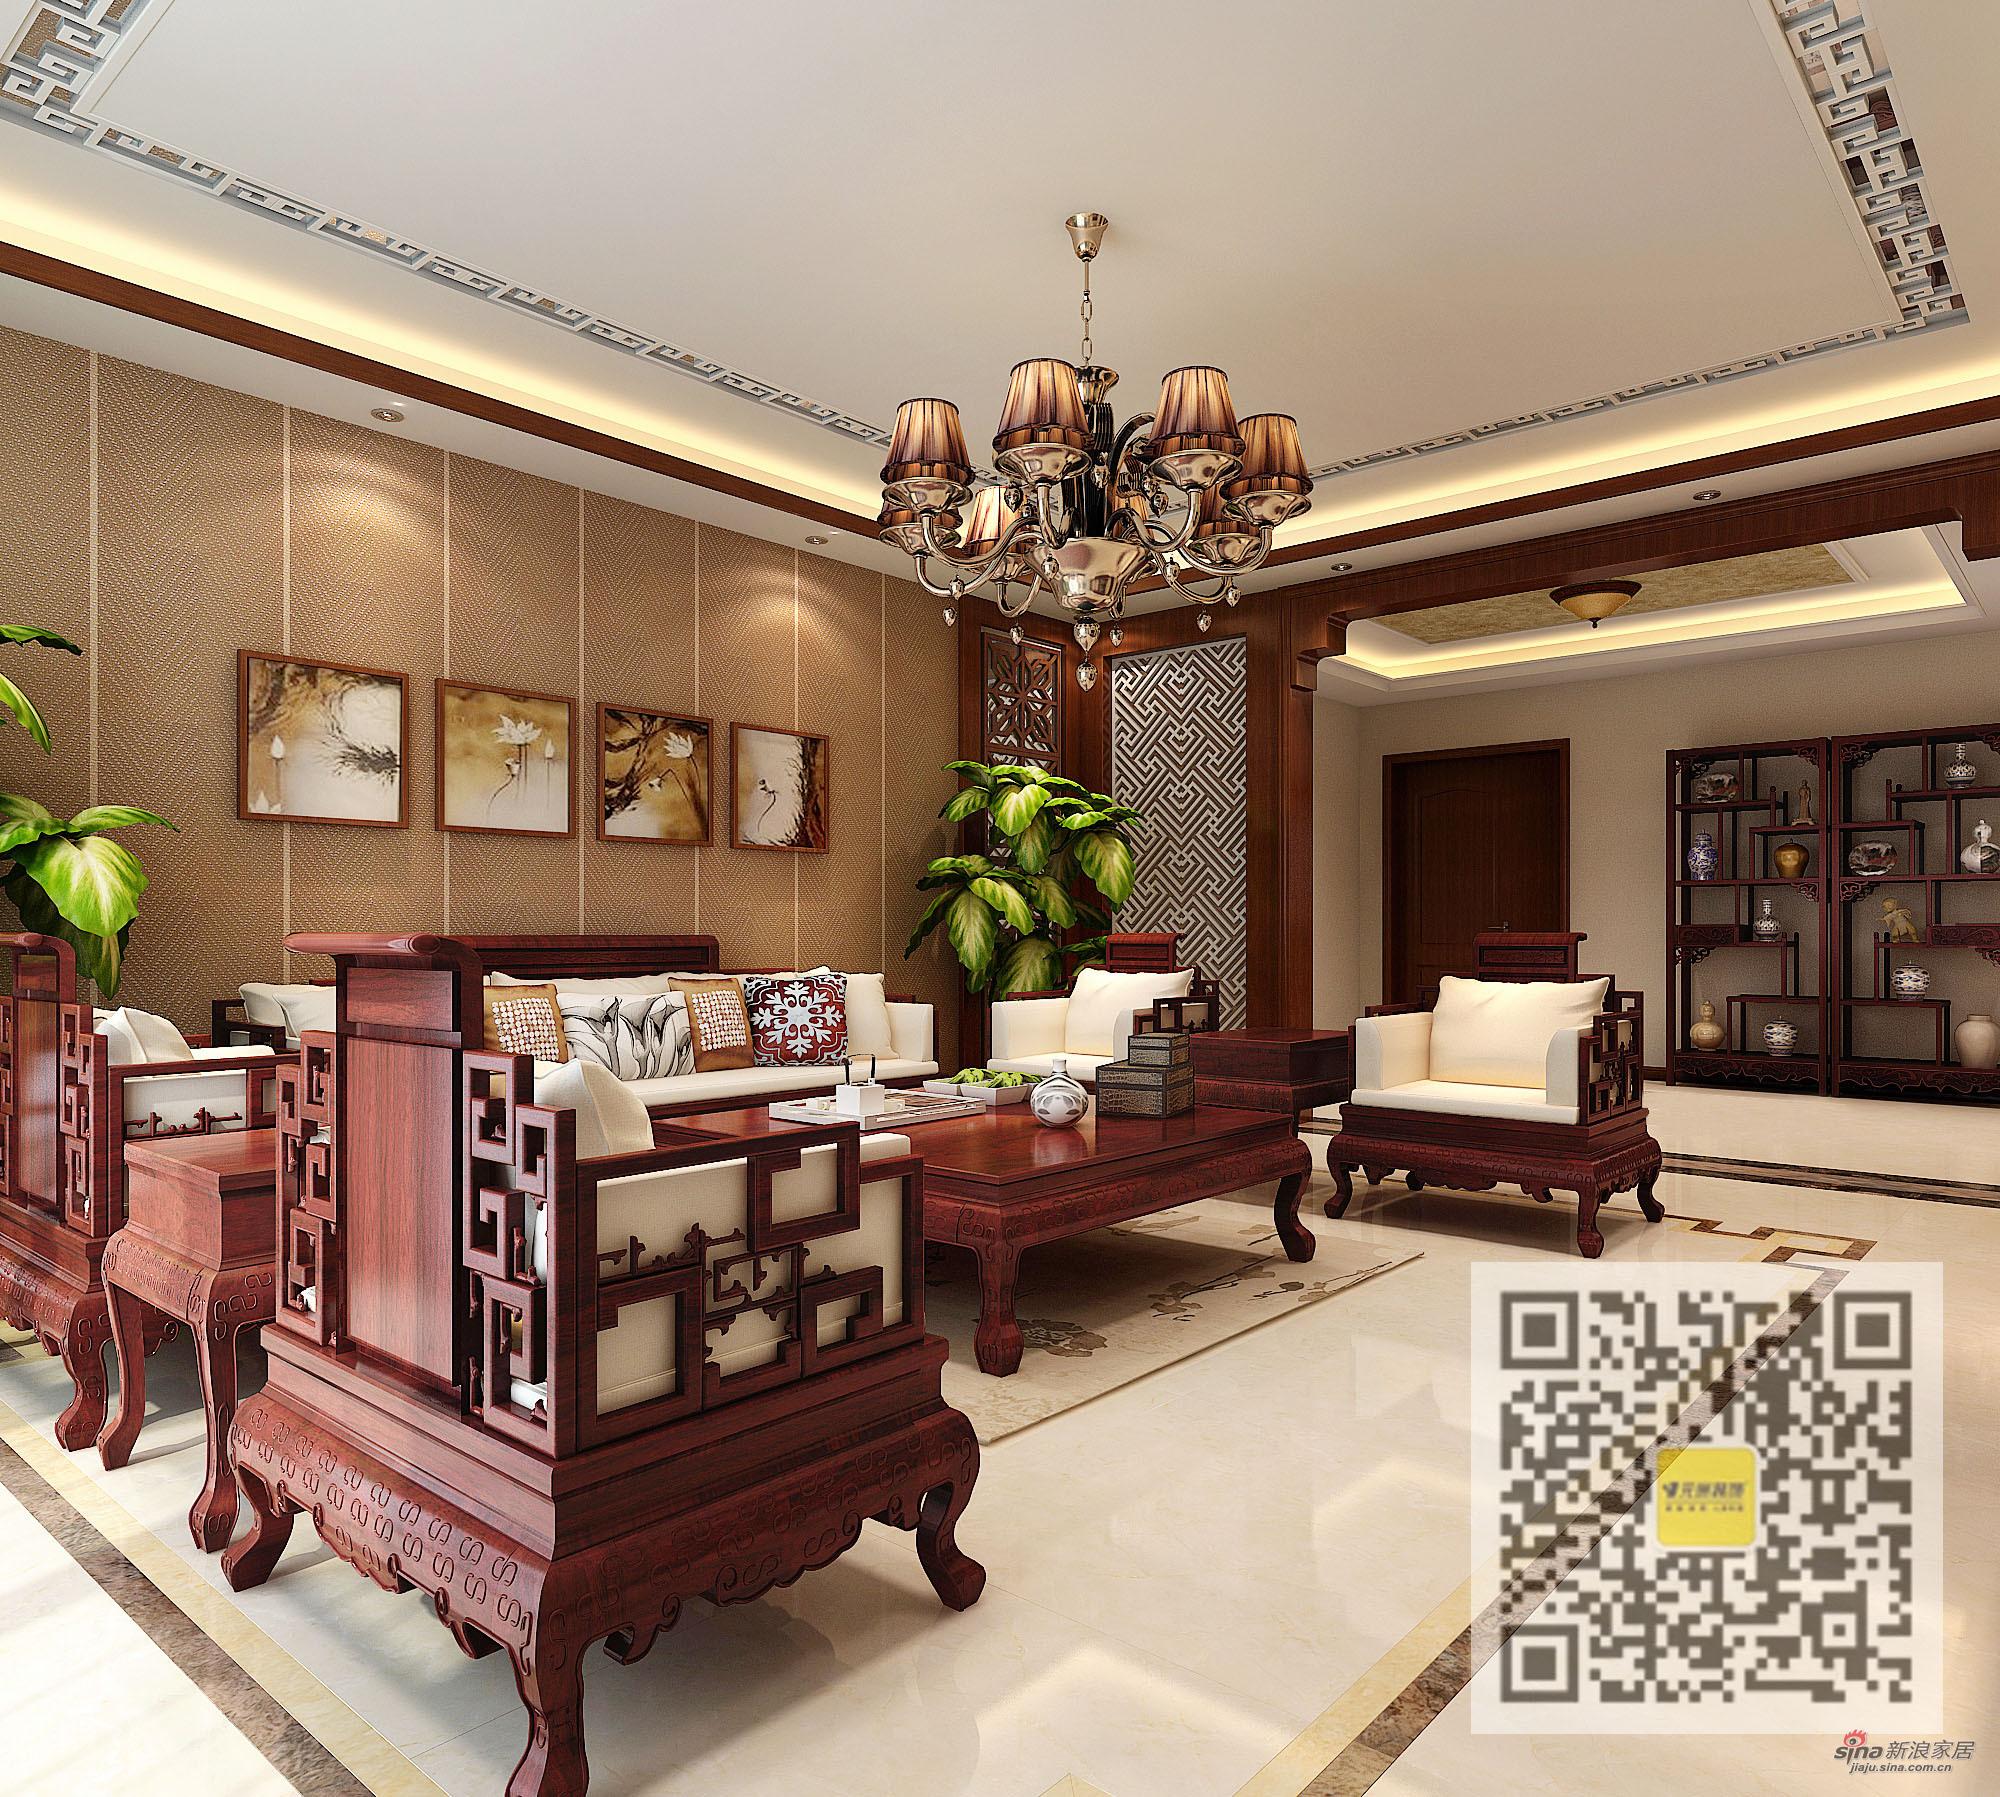 中式 三居 客厅图片来自用户1907659705在新中式风格三居室71的分享